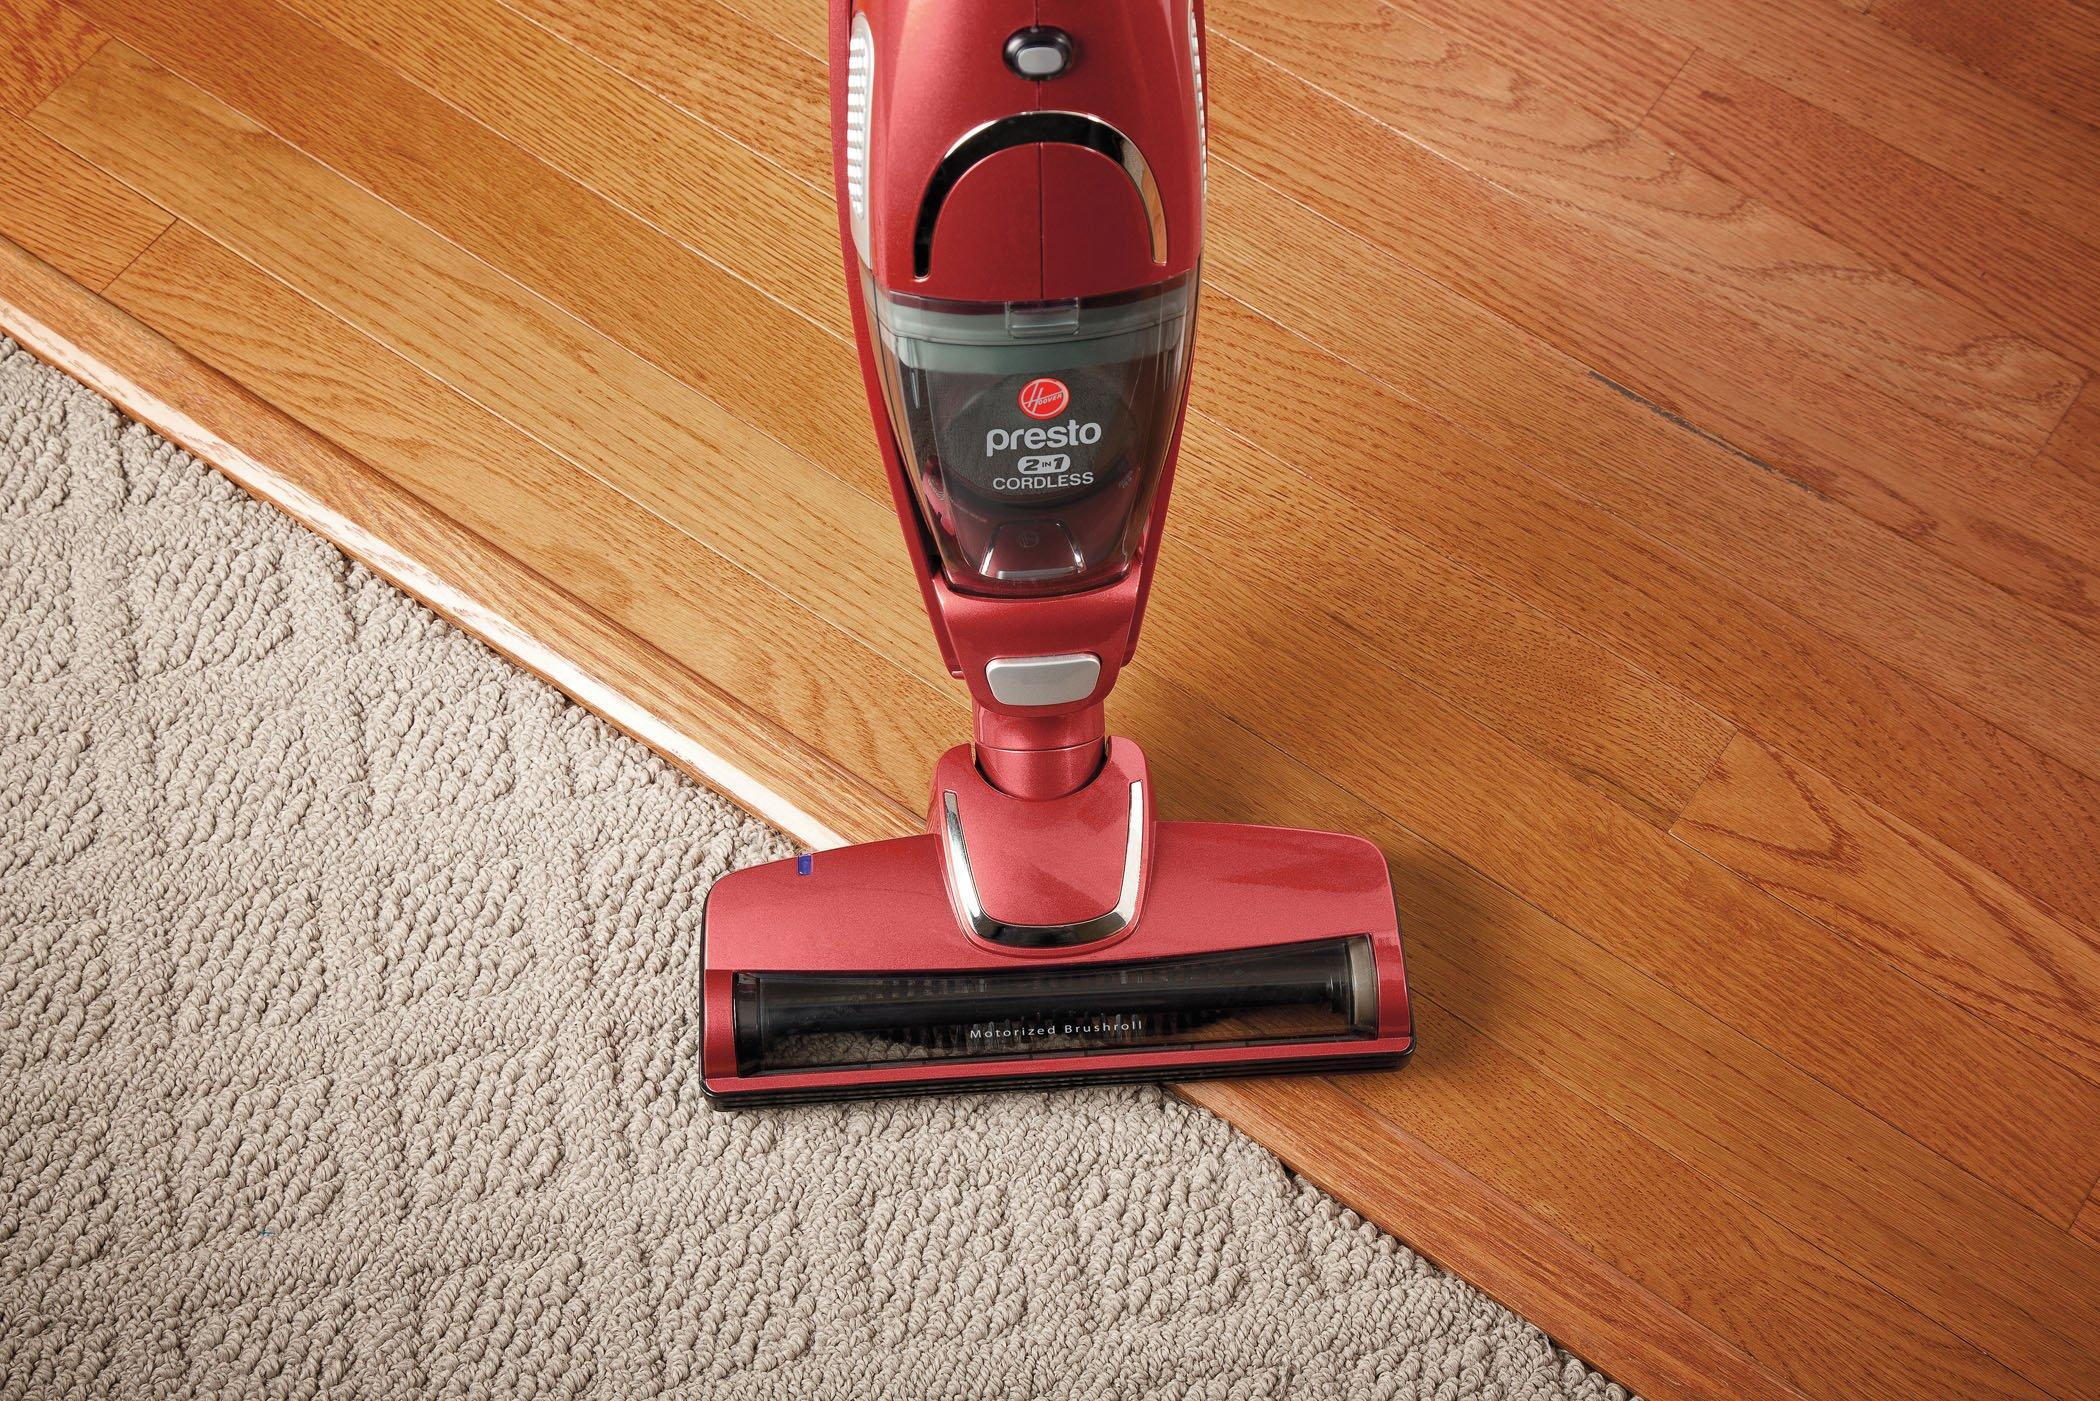 Presto 2-in-1 Cordless Stick Vacuum5